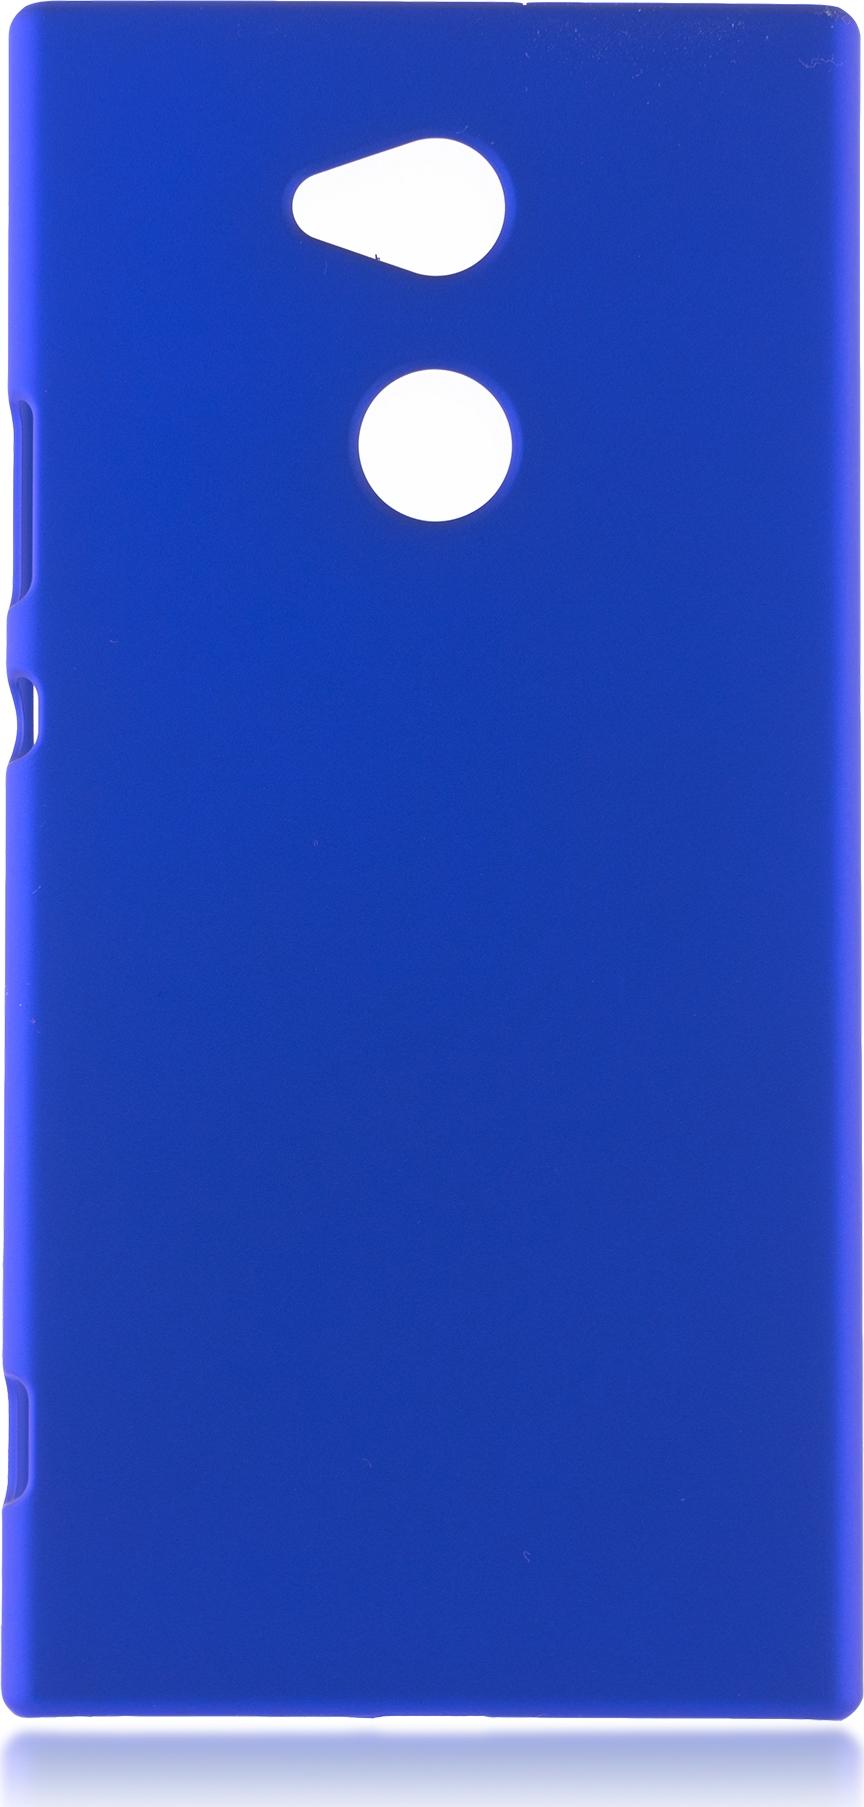 Чехол Brosco Soft-Touch для Sony Xperia XA2 Ultra, темно-синий чехол для сотового телефона brosco для sony xa2 ultra xa2u book gold золотой